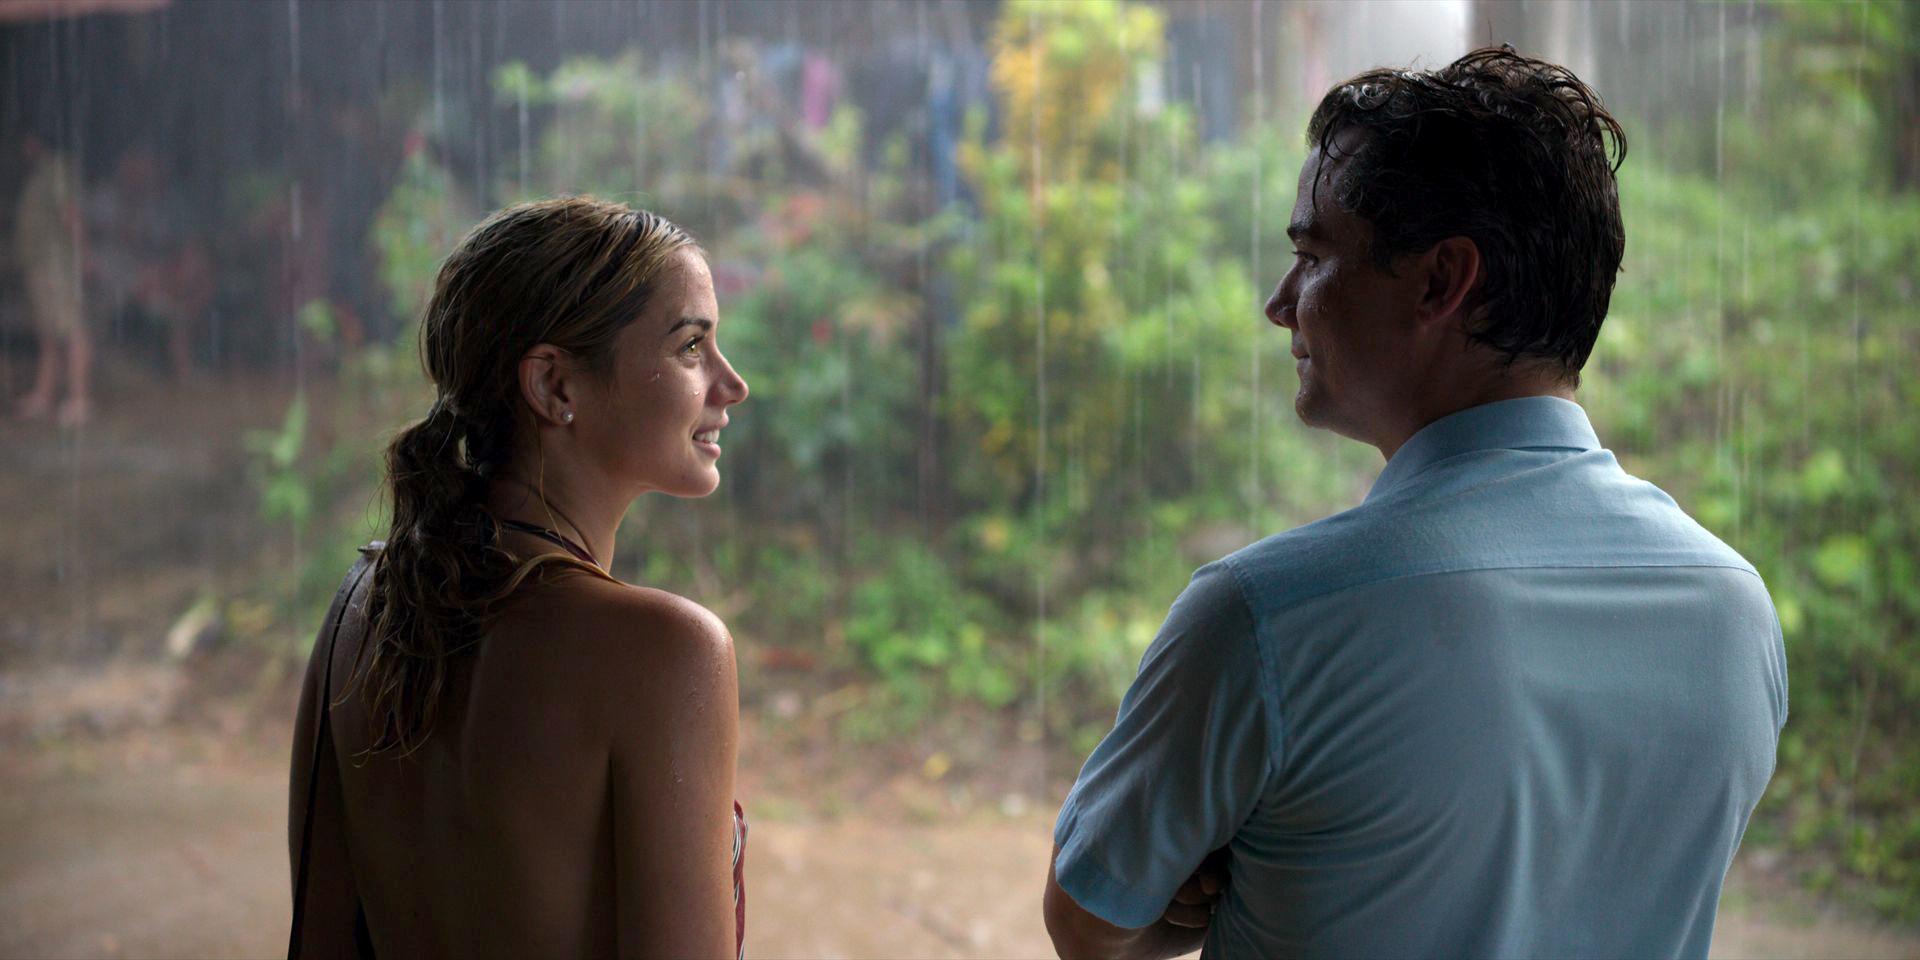 Die Argentinierin Carolina und der brasilianische Diplomat Sergio stehen gut gelaunt im Regen.